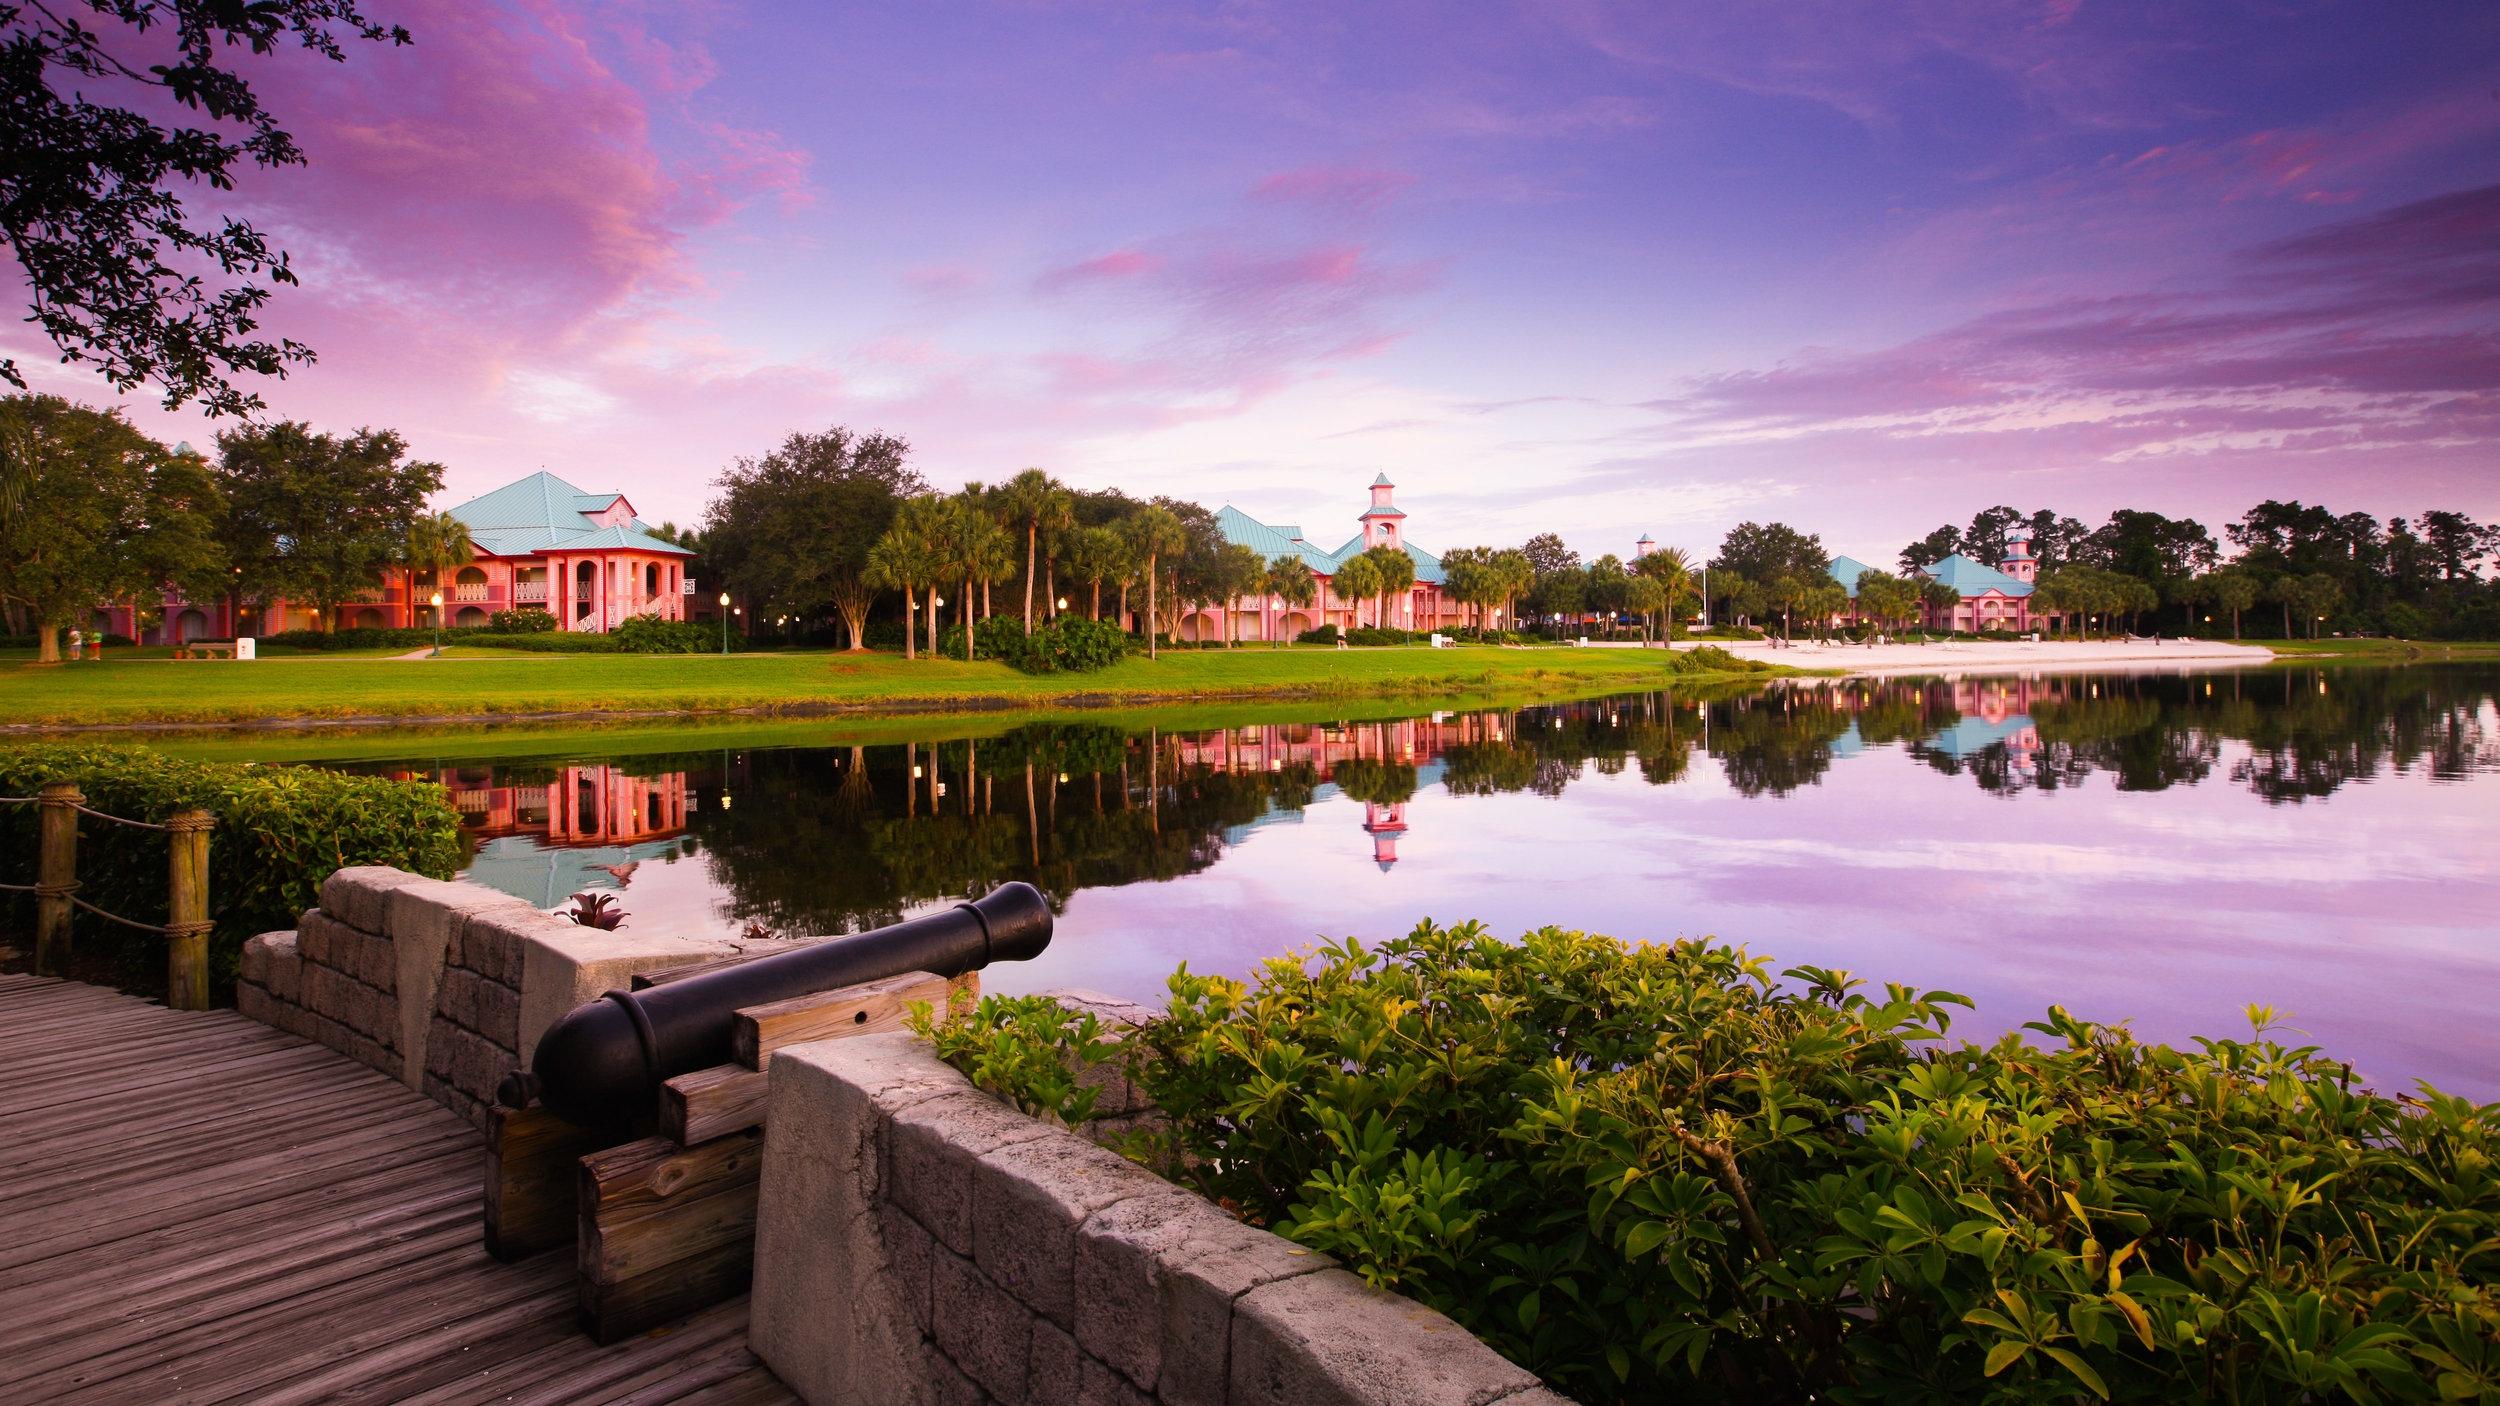 Disney's Caribbean Beach Resort - ¿Quieres conocer sus habitaciones?